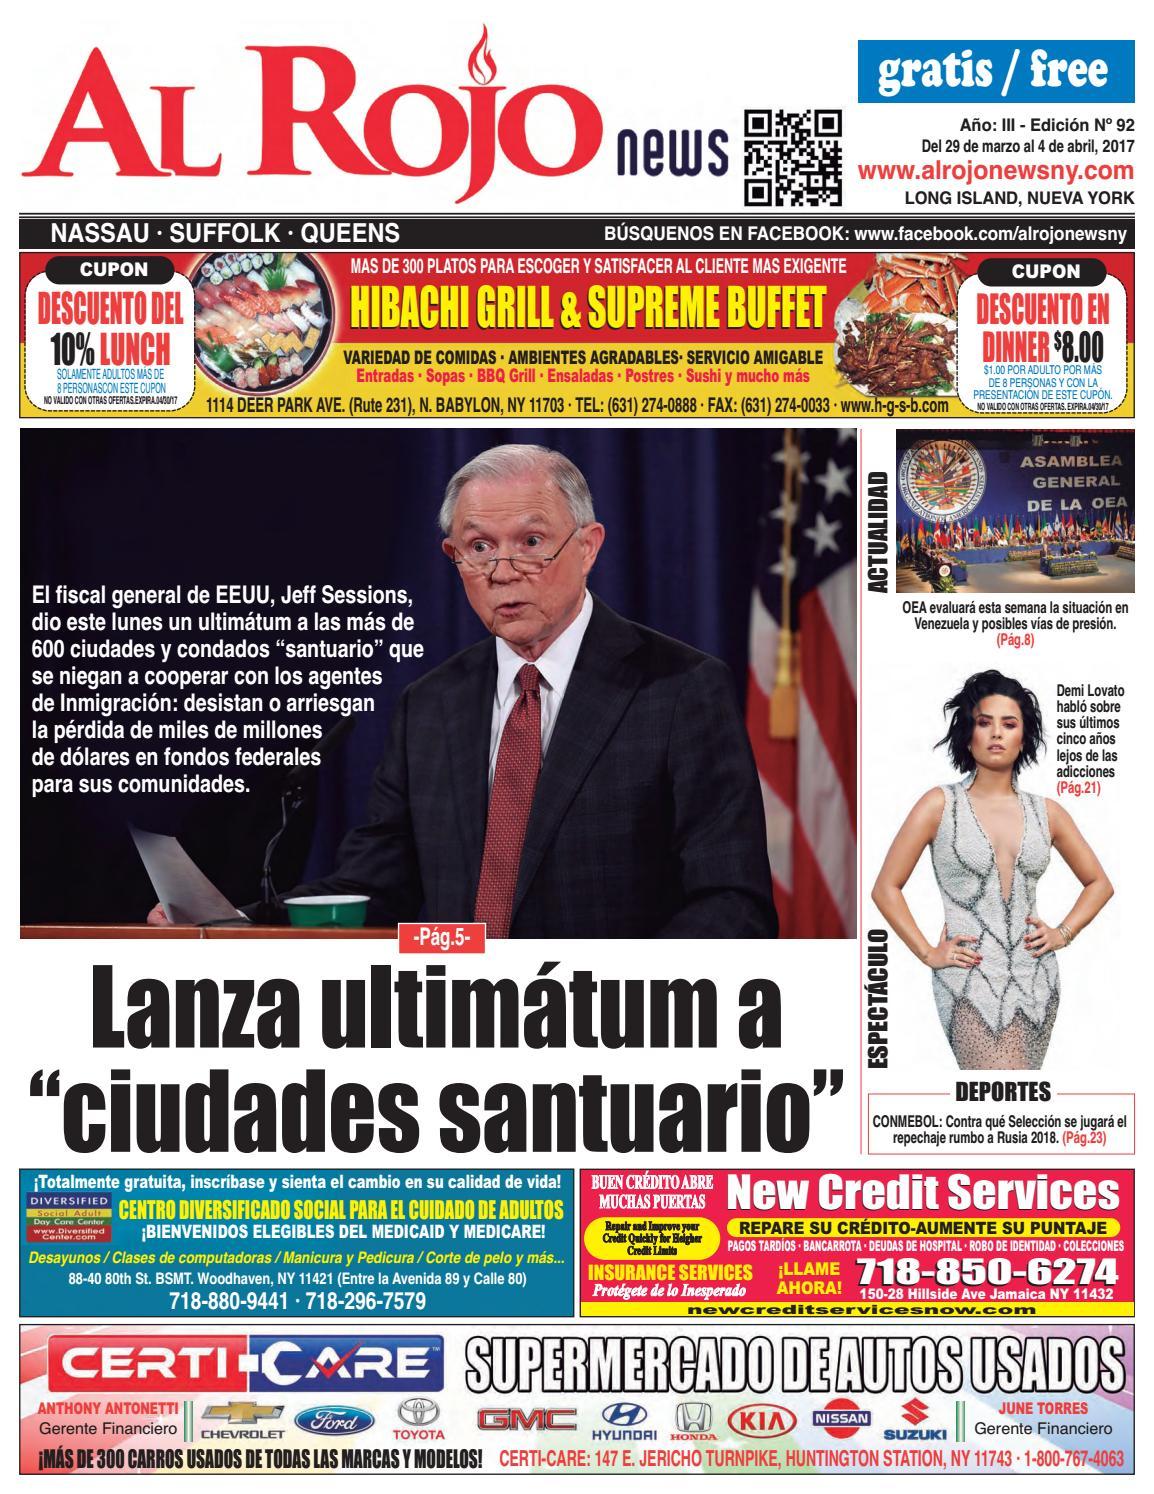 Al Rojo News año III edición 92 by Jose Rivas - issuu